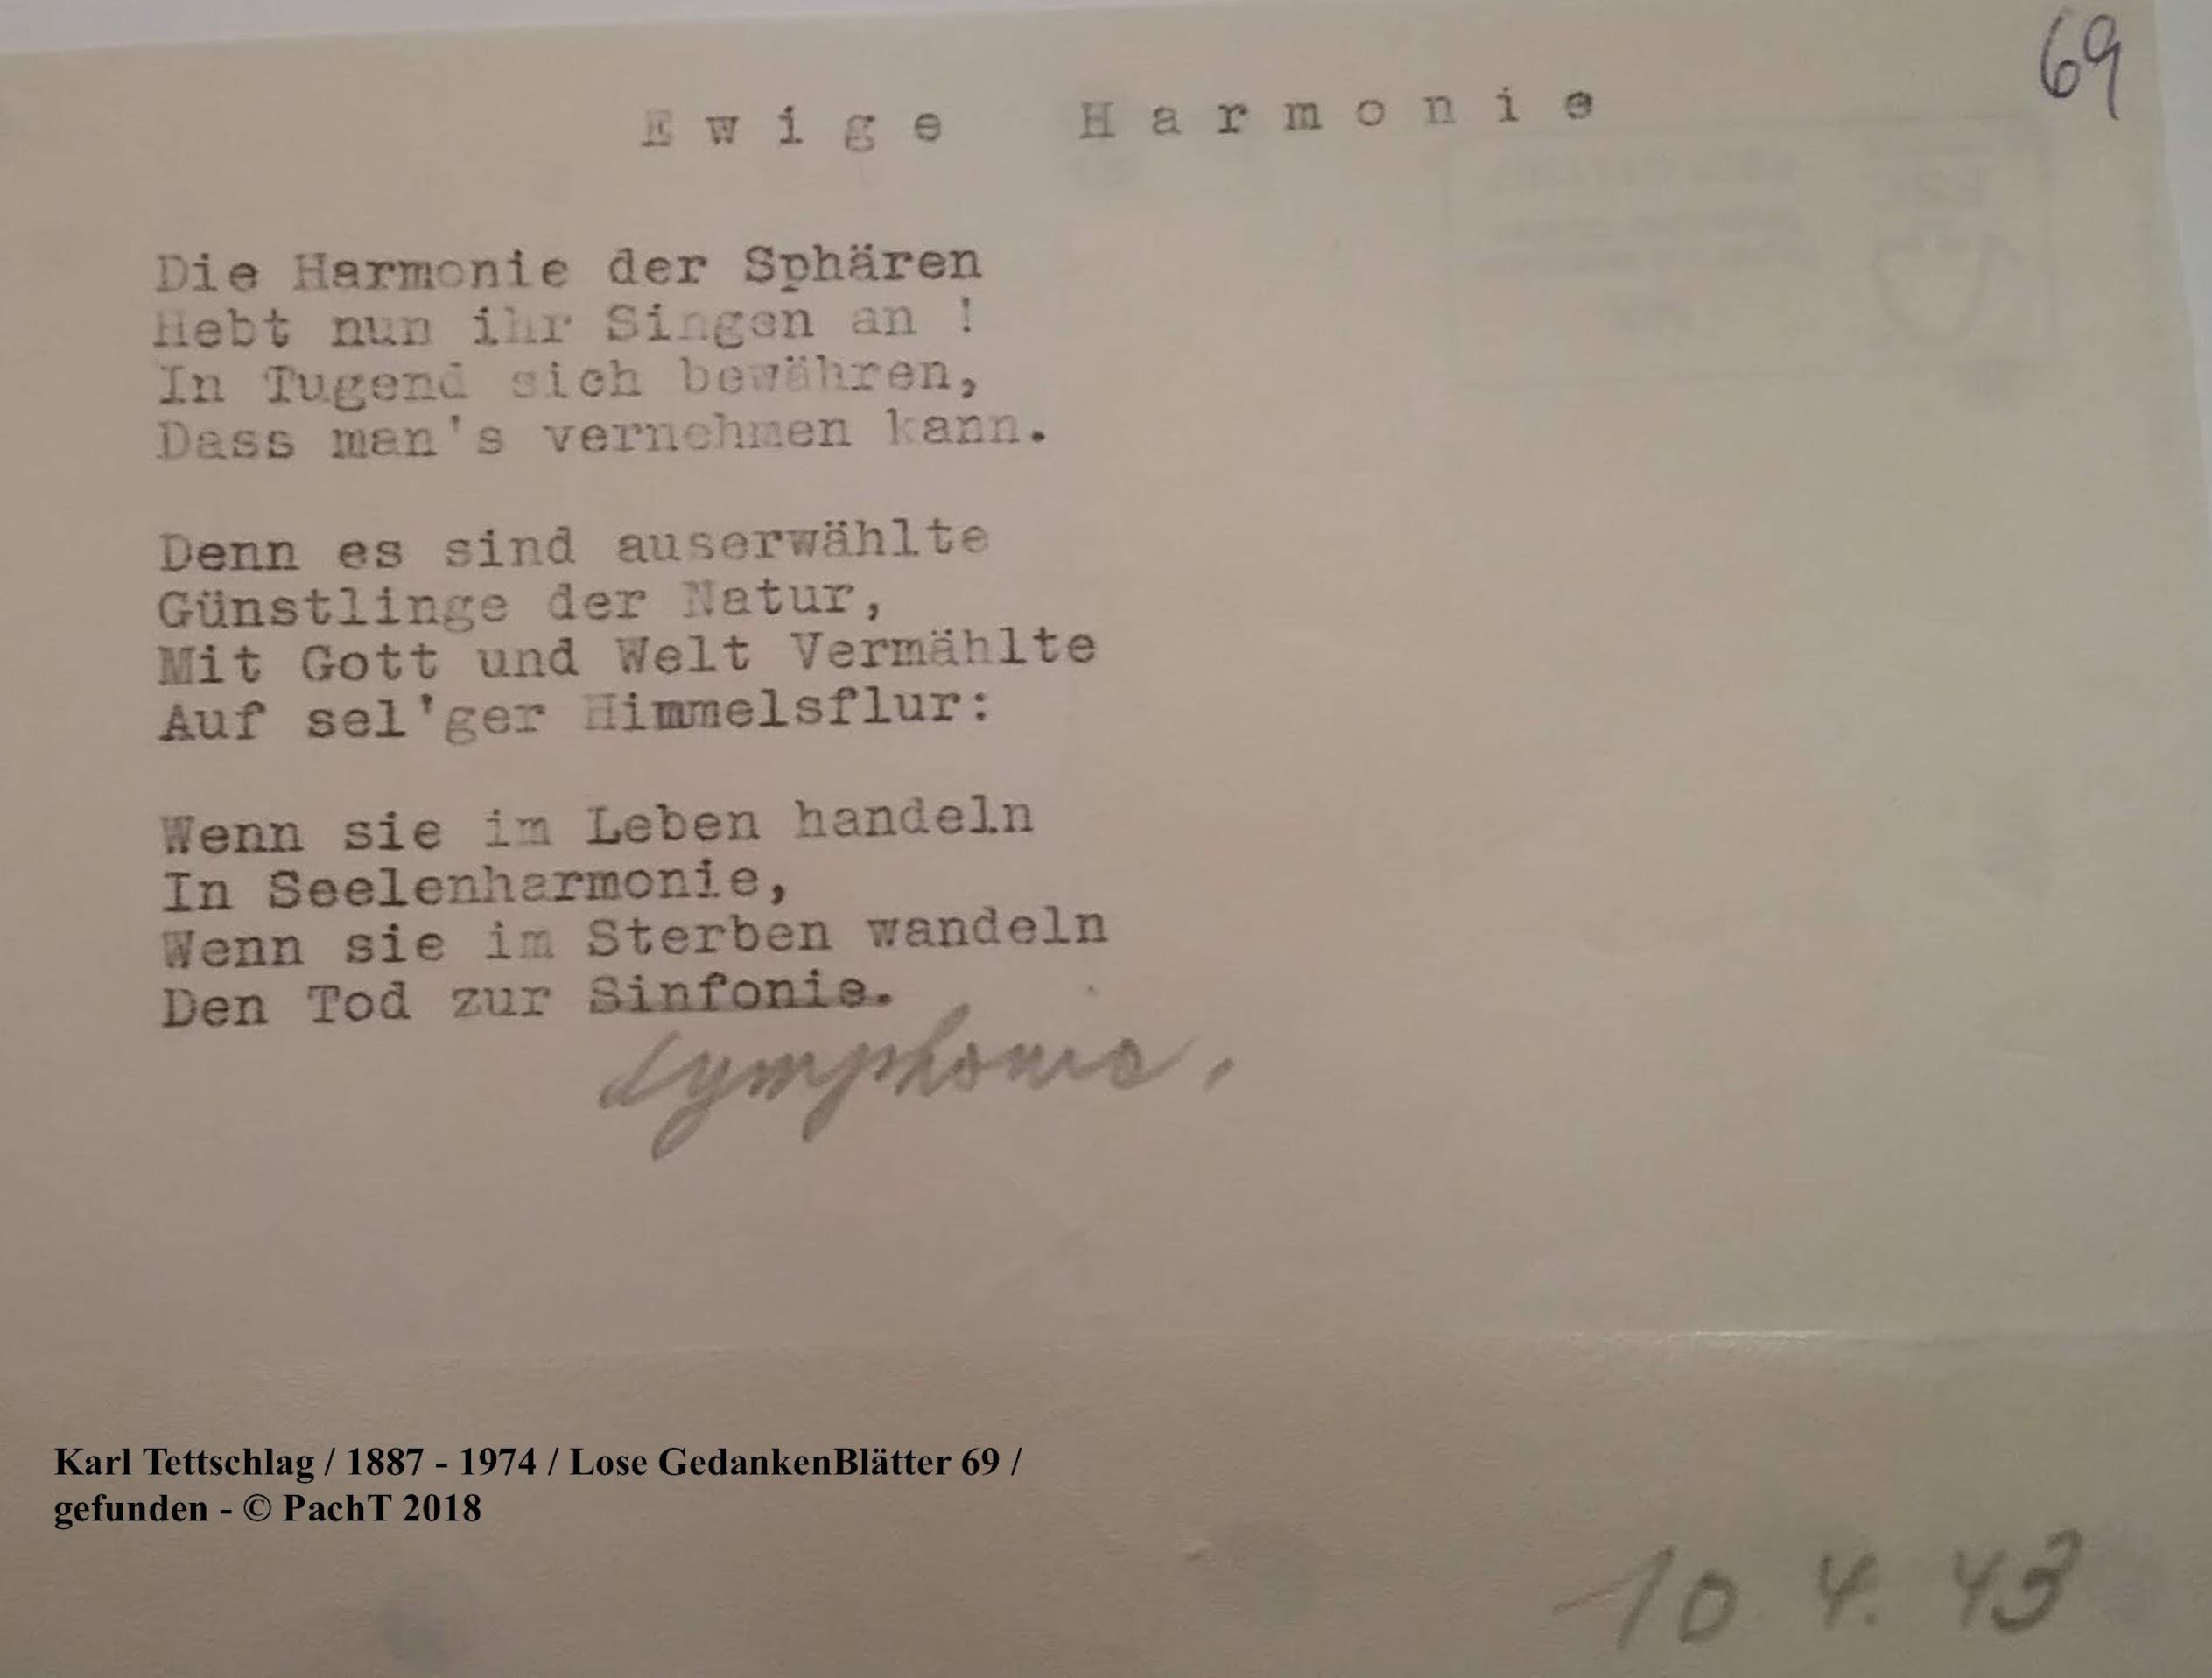 1887 - 1974 Erinnerungen an meinen Opa _ Lose GedankenBlätter 69